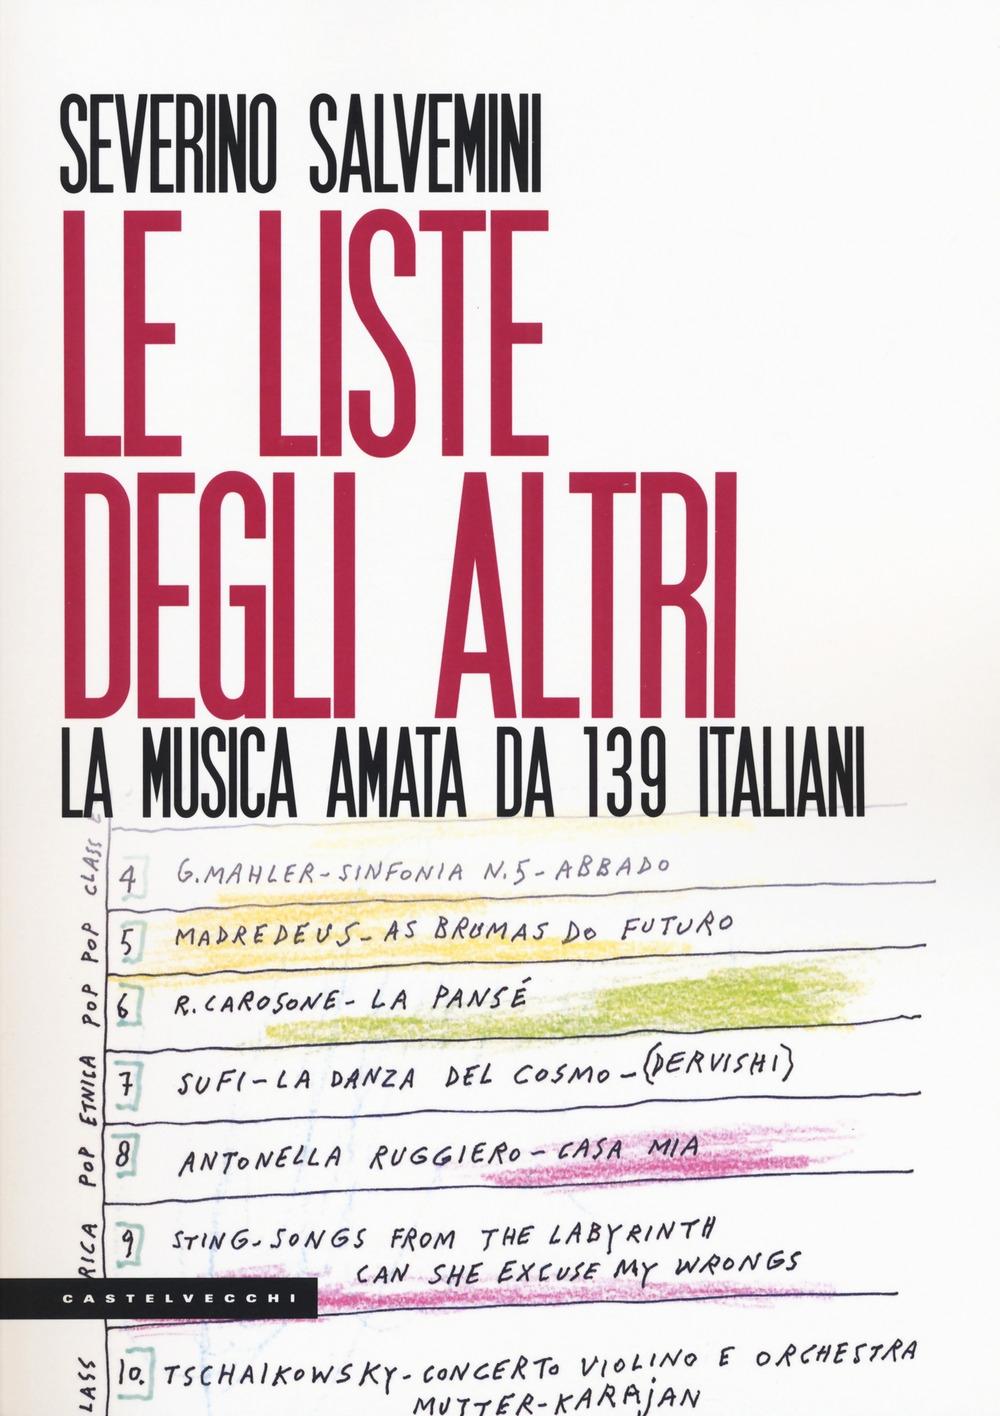 Le liste degli altri. La musica amata da 139 italiani